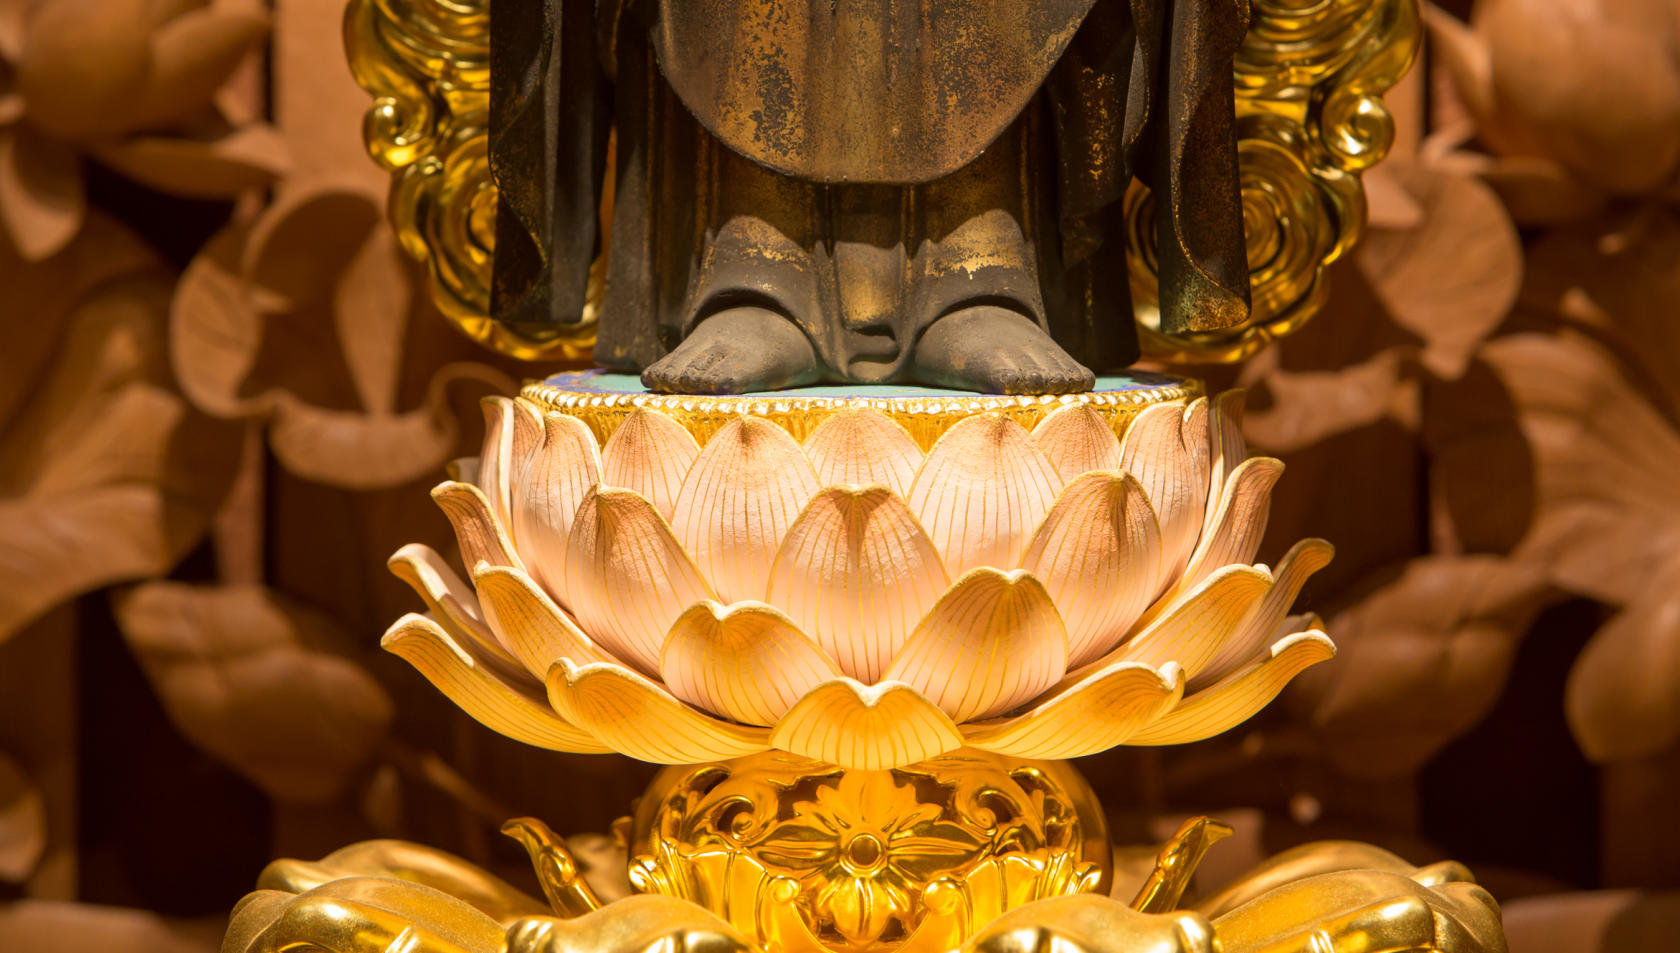 現代仏教再解釈